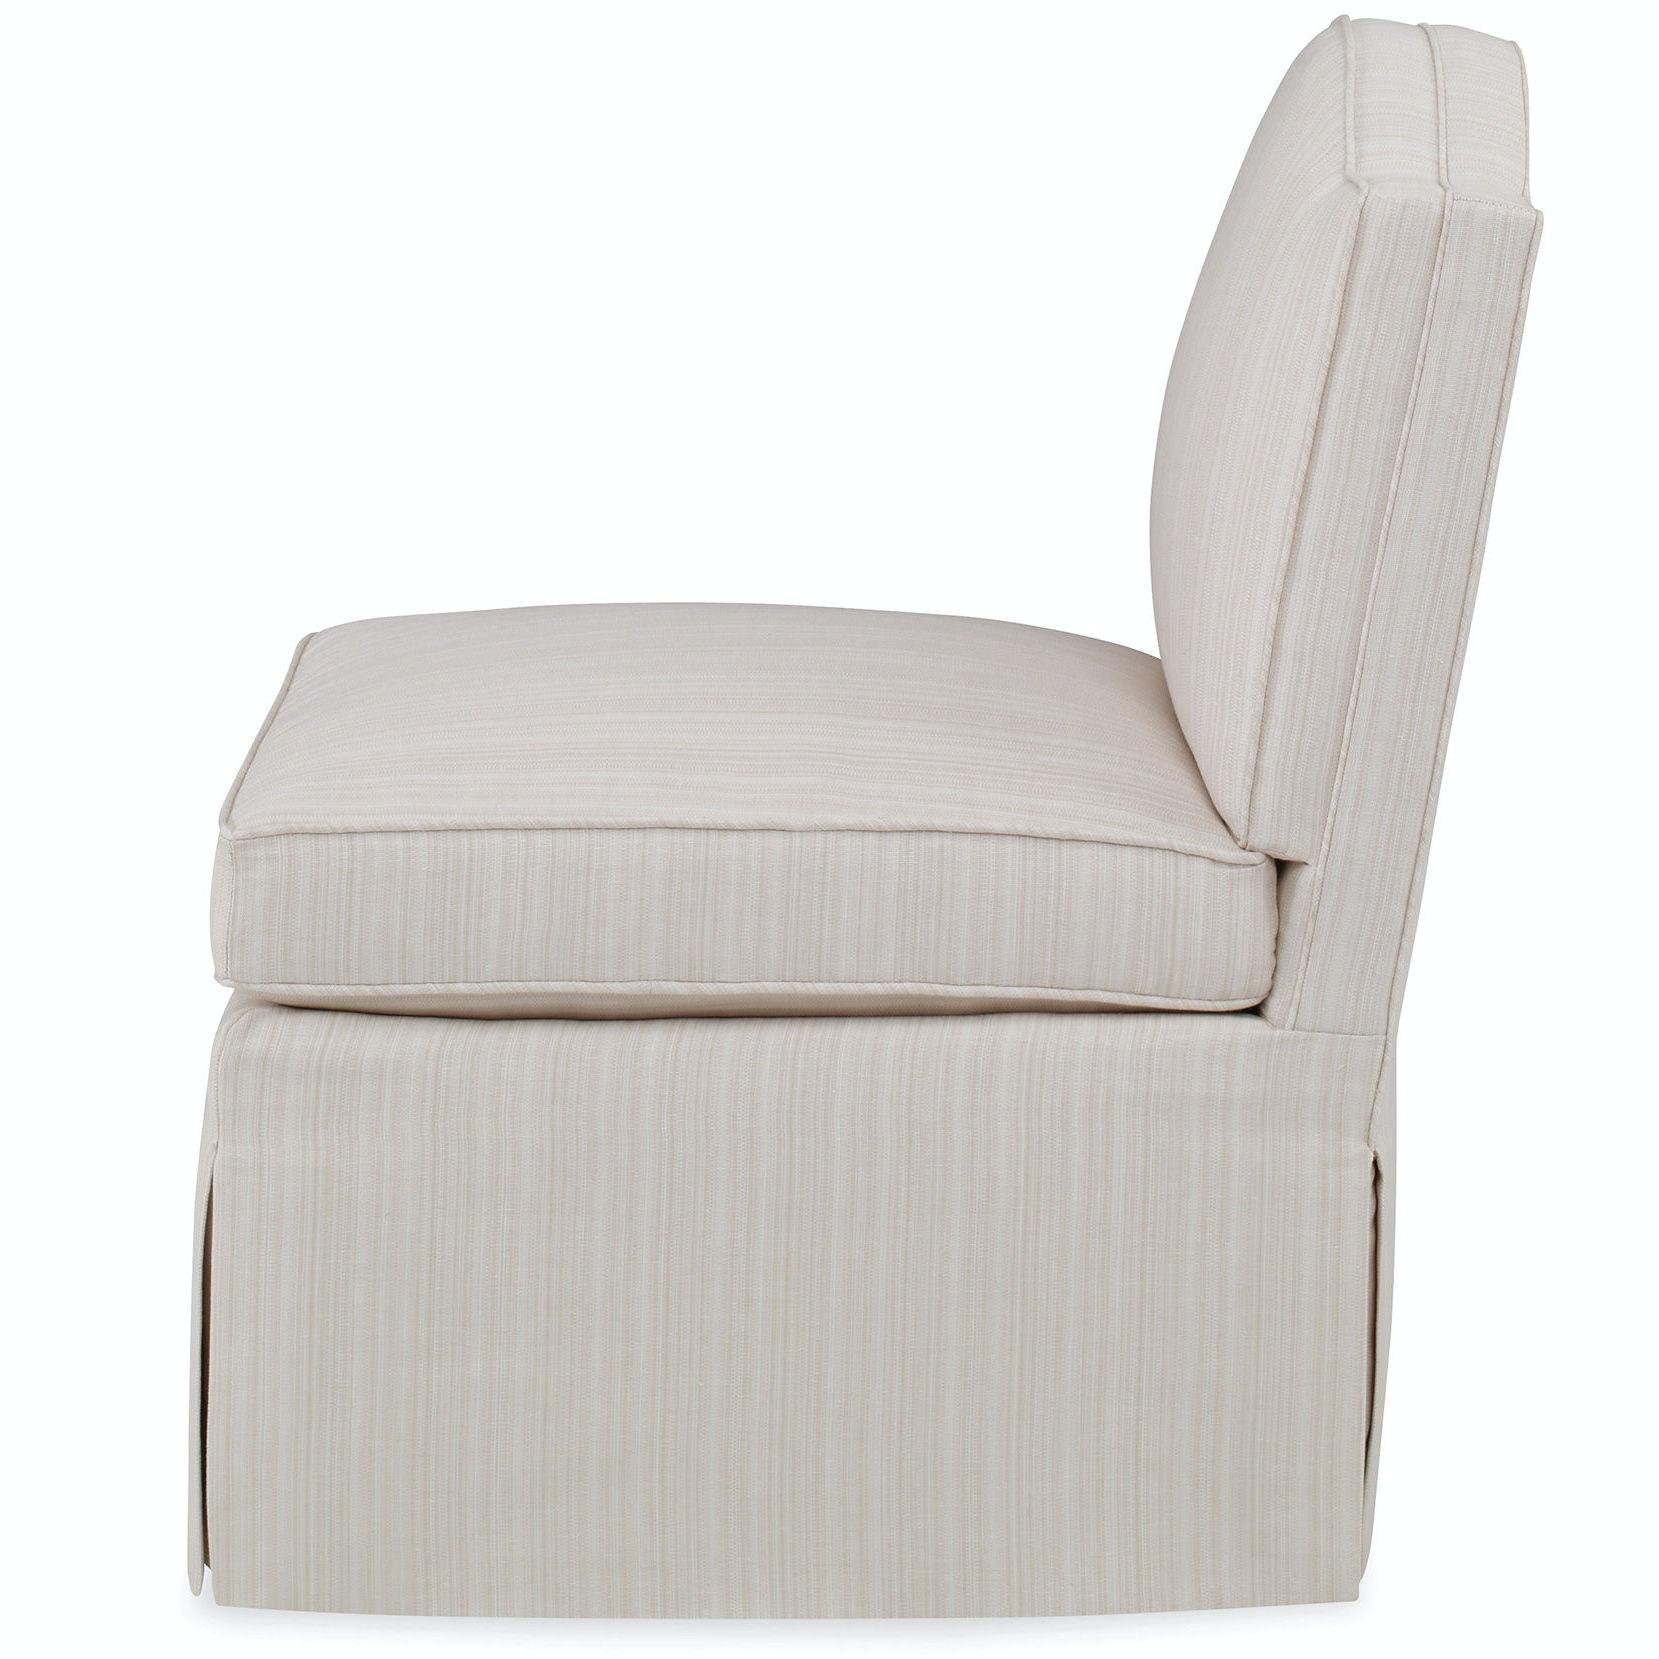 lee jofa mellon slipper chair hb710120